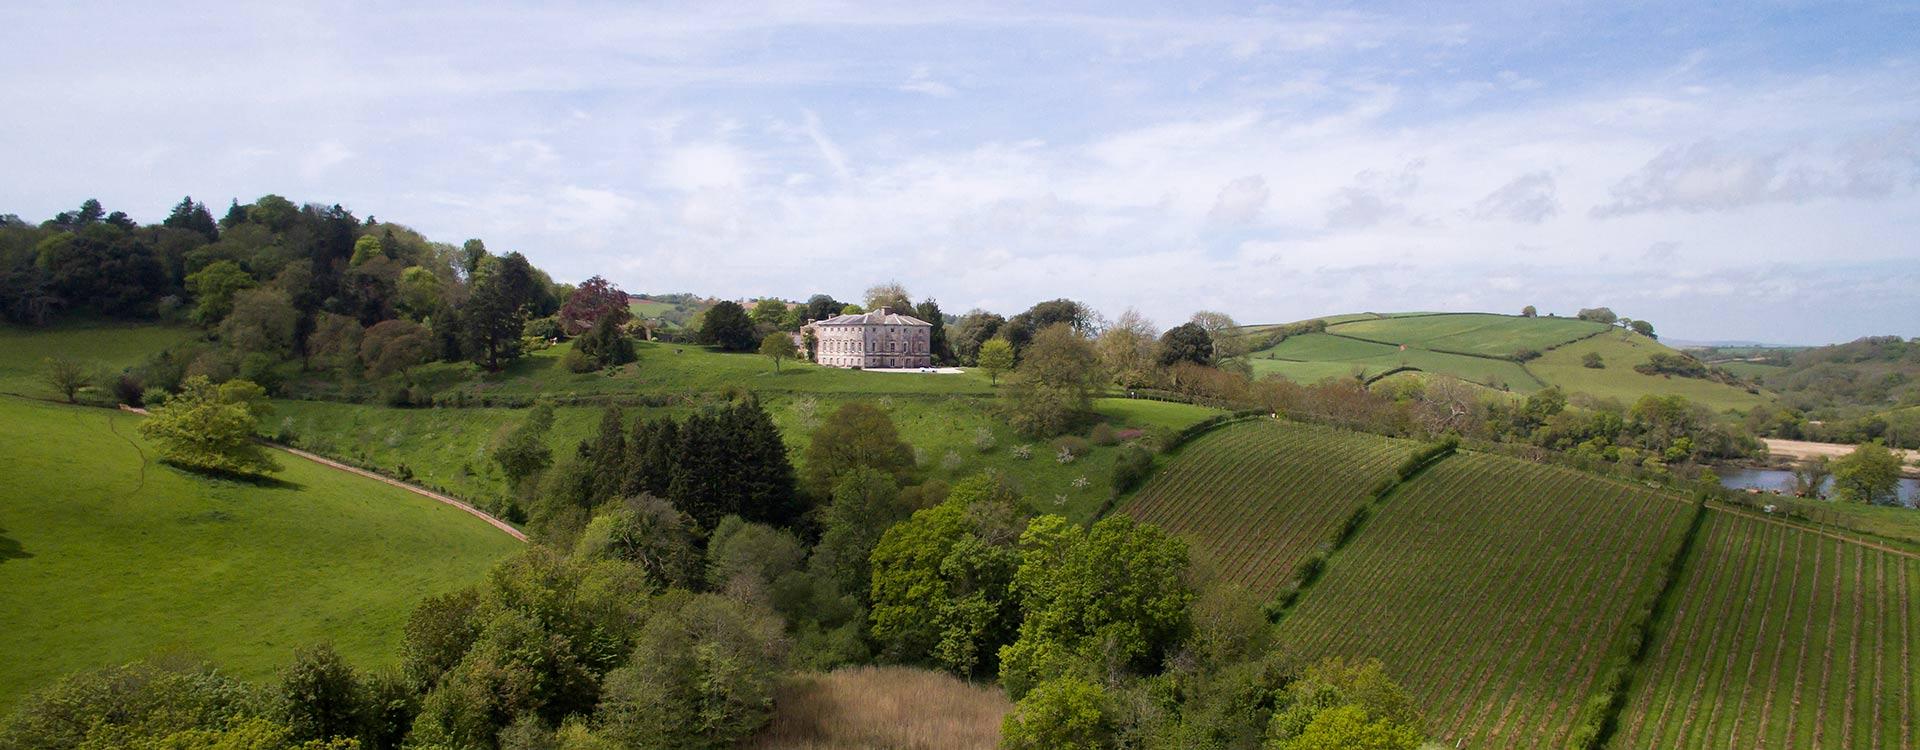 Sharpham Estate Vineyard